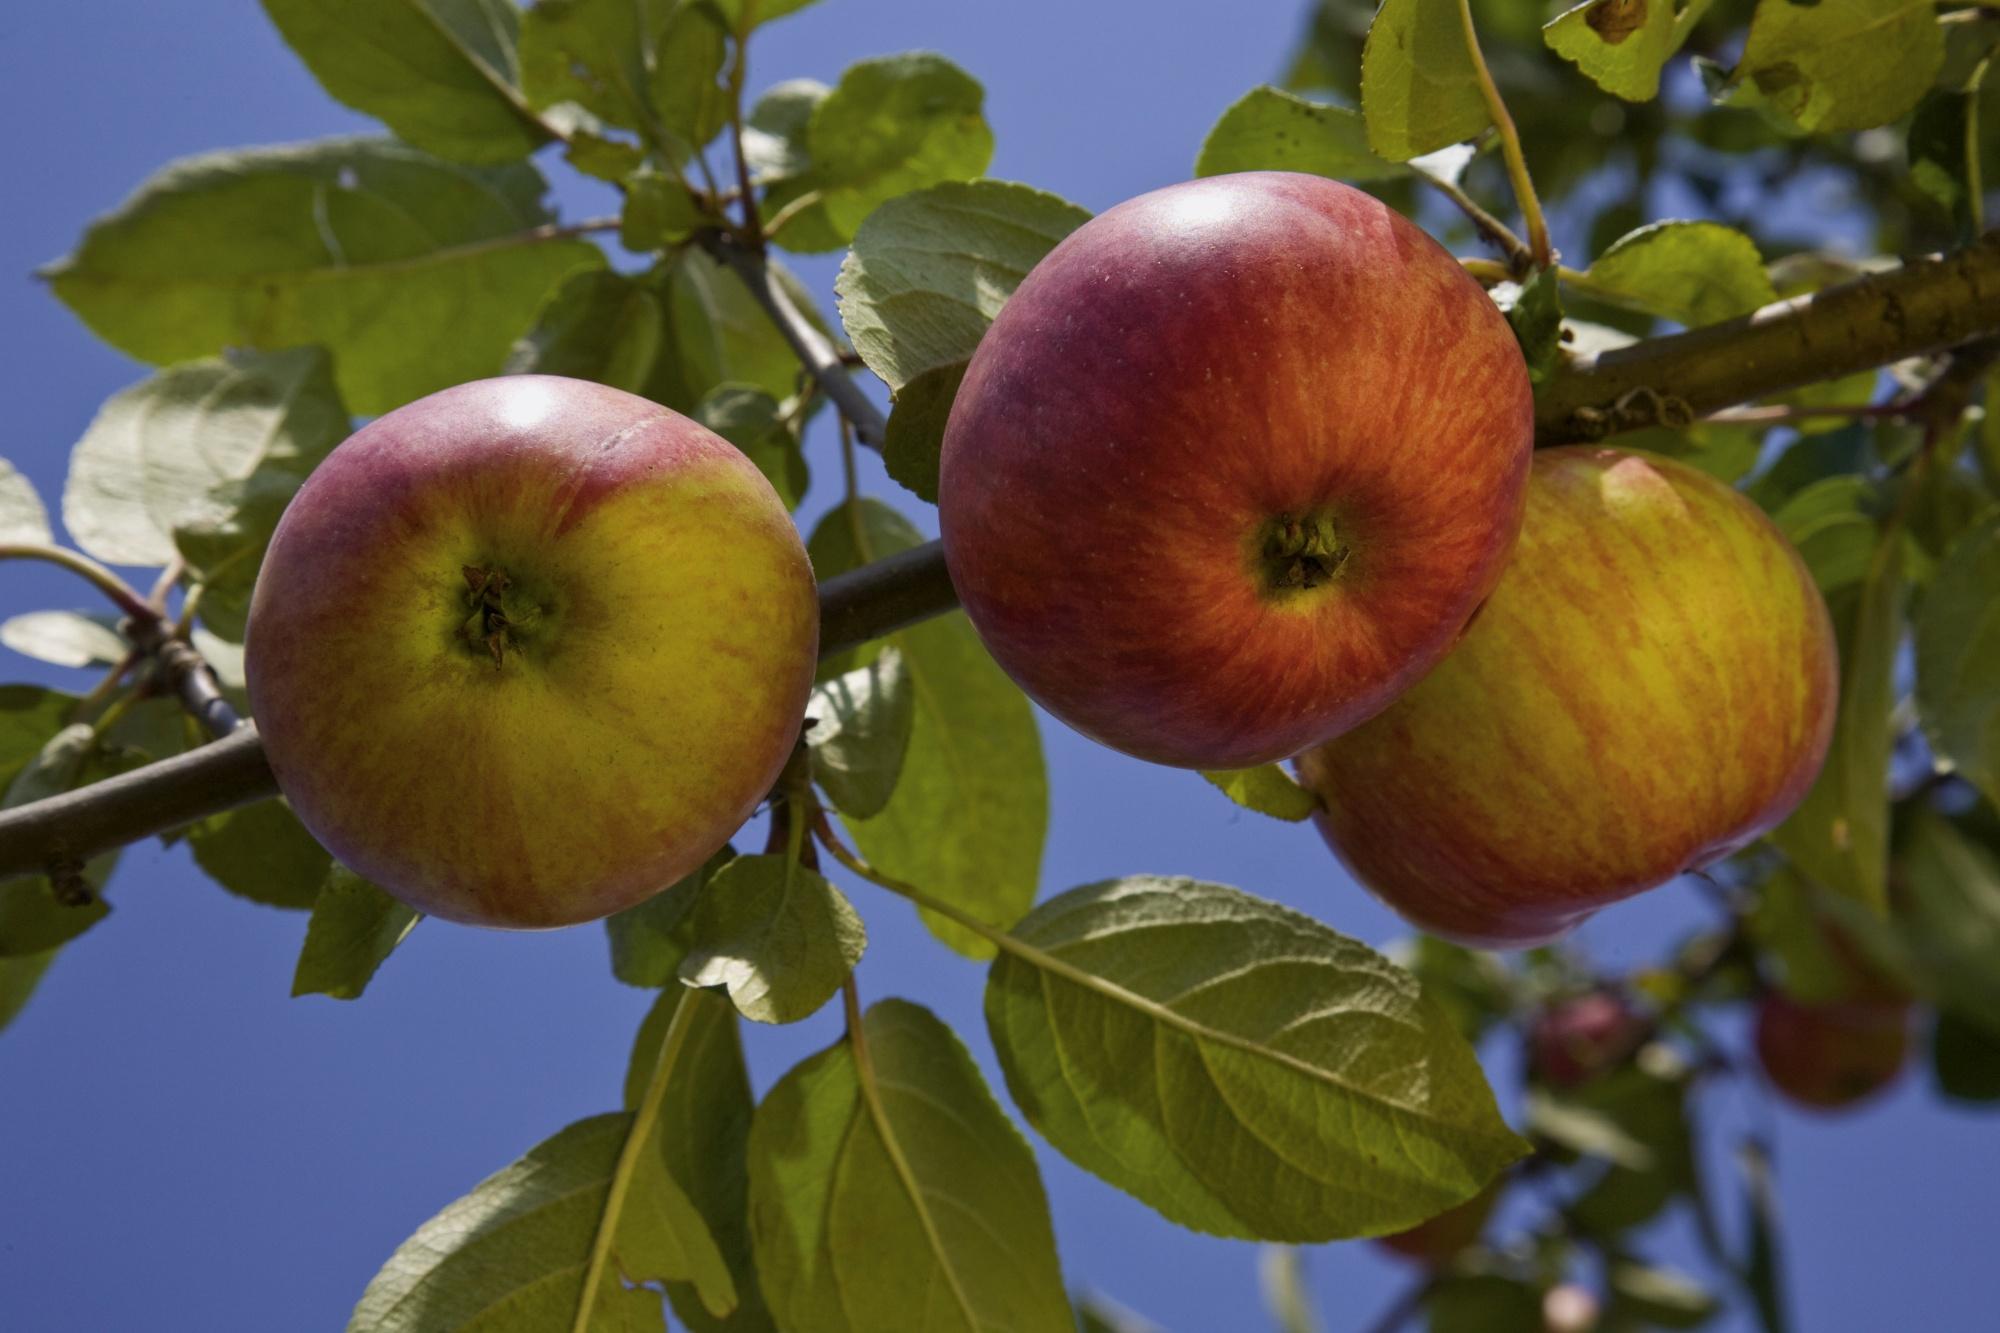 Bild von prallen Bio Äpfeln am Apfelbaum